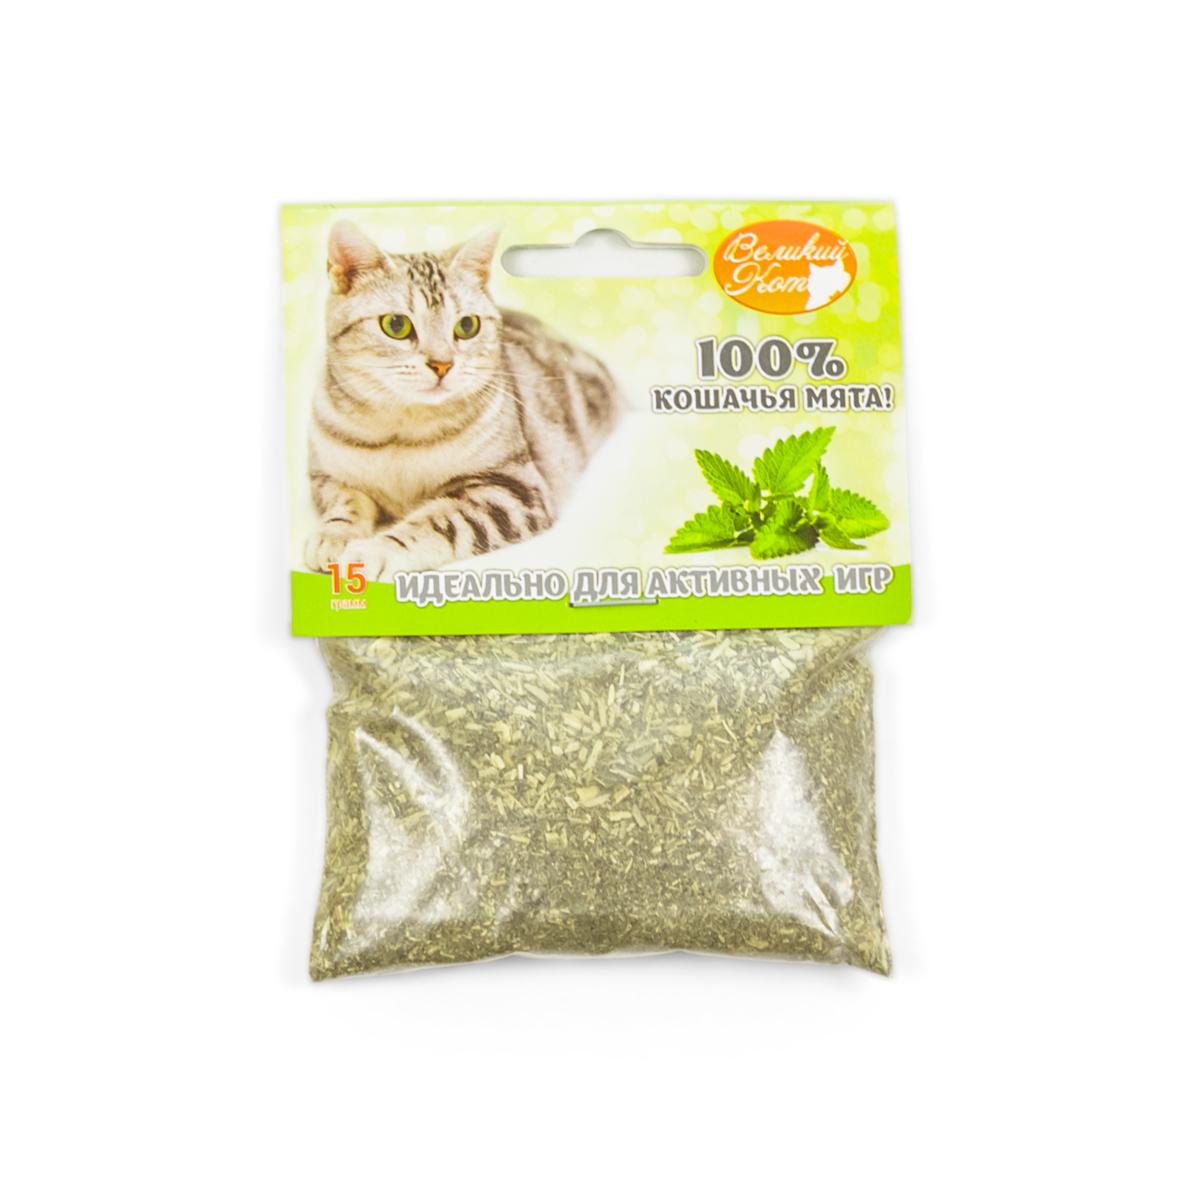 - Кошачья мята р. 15 гТовары для животных<br><br><br>Тип: -<br>Размер: 15 г<br>Материал: -